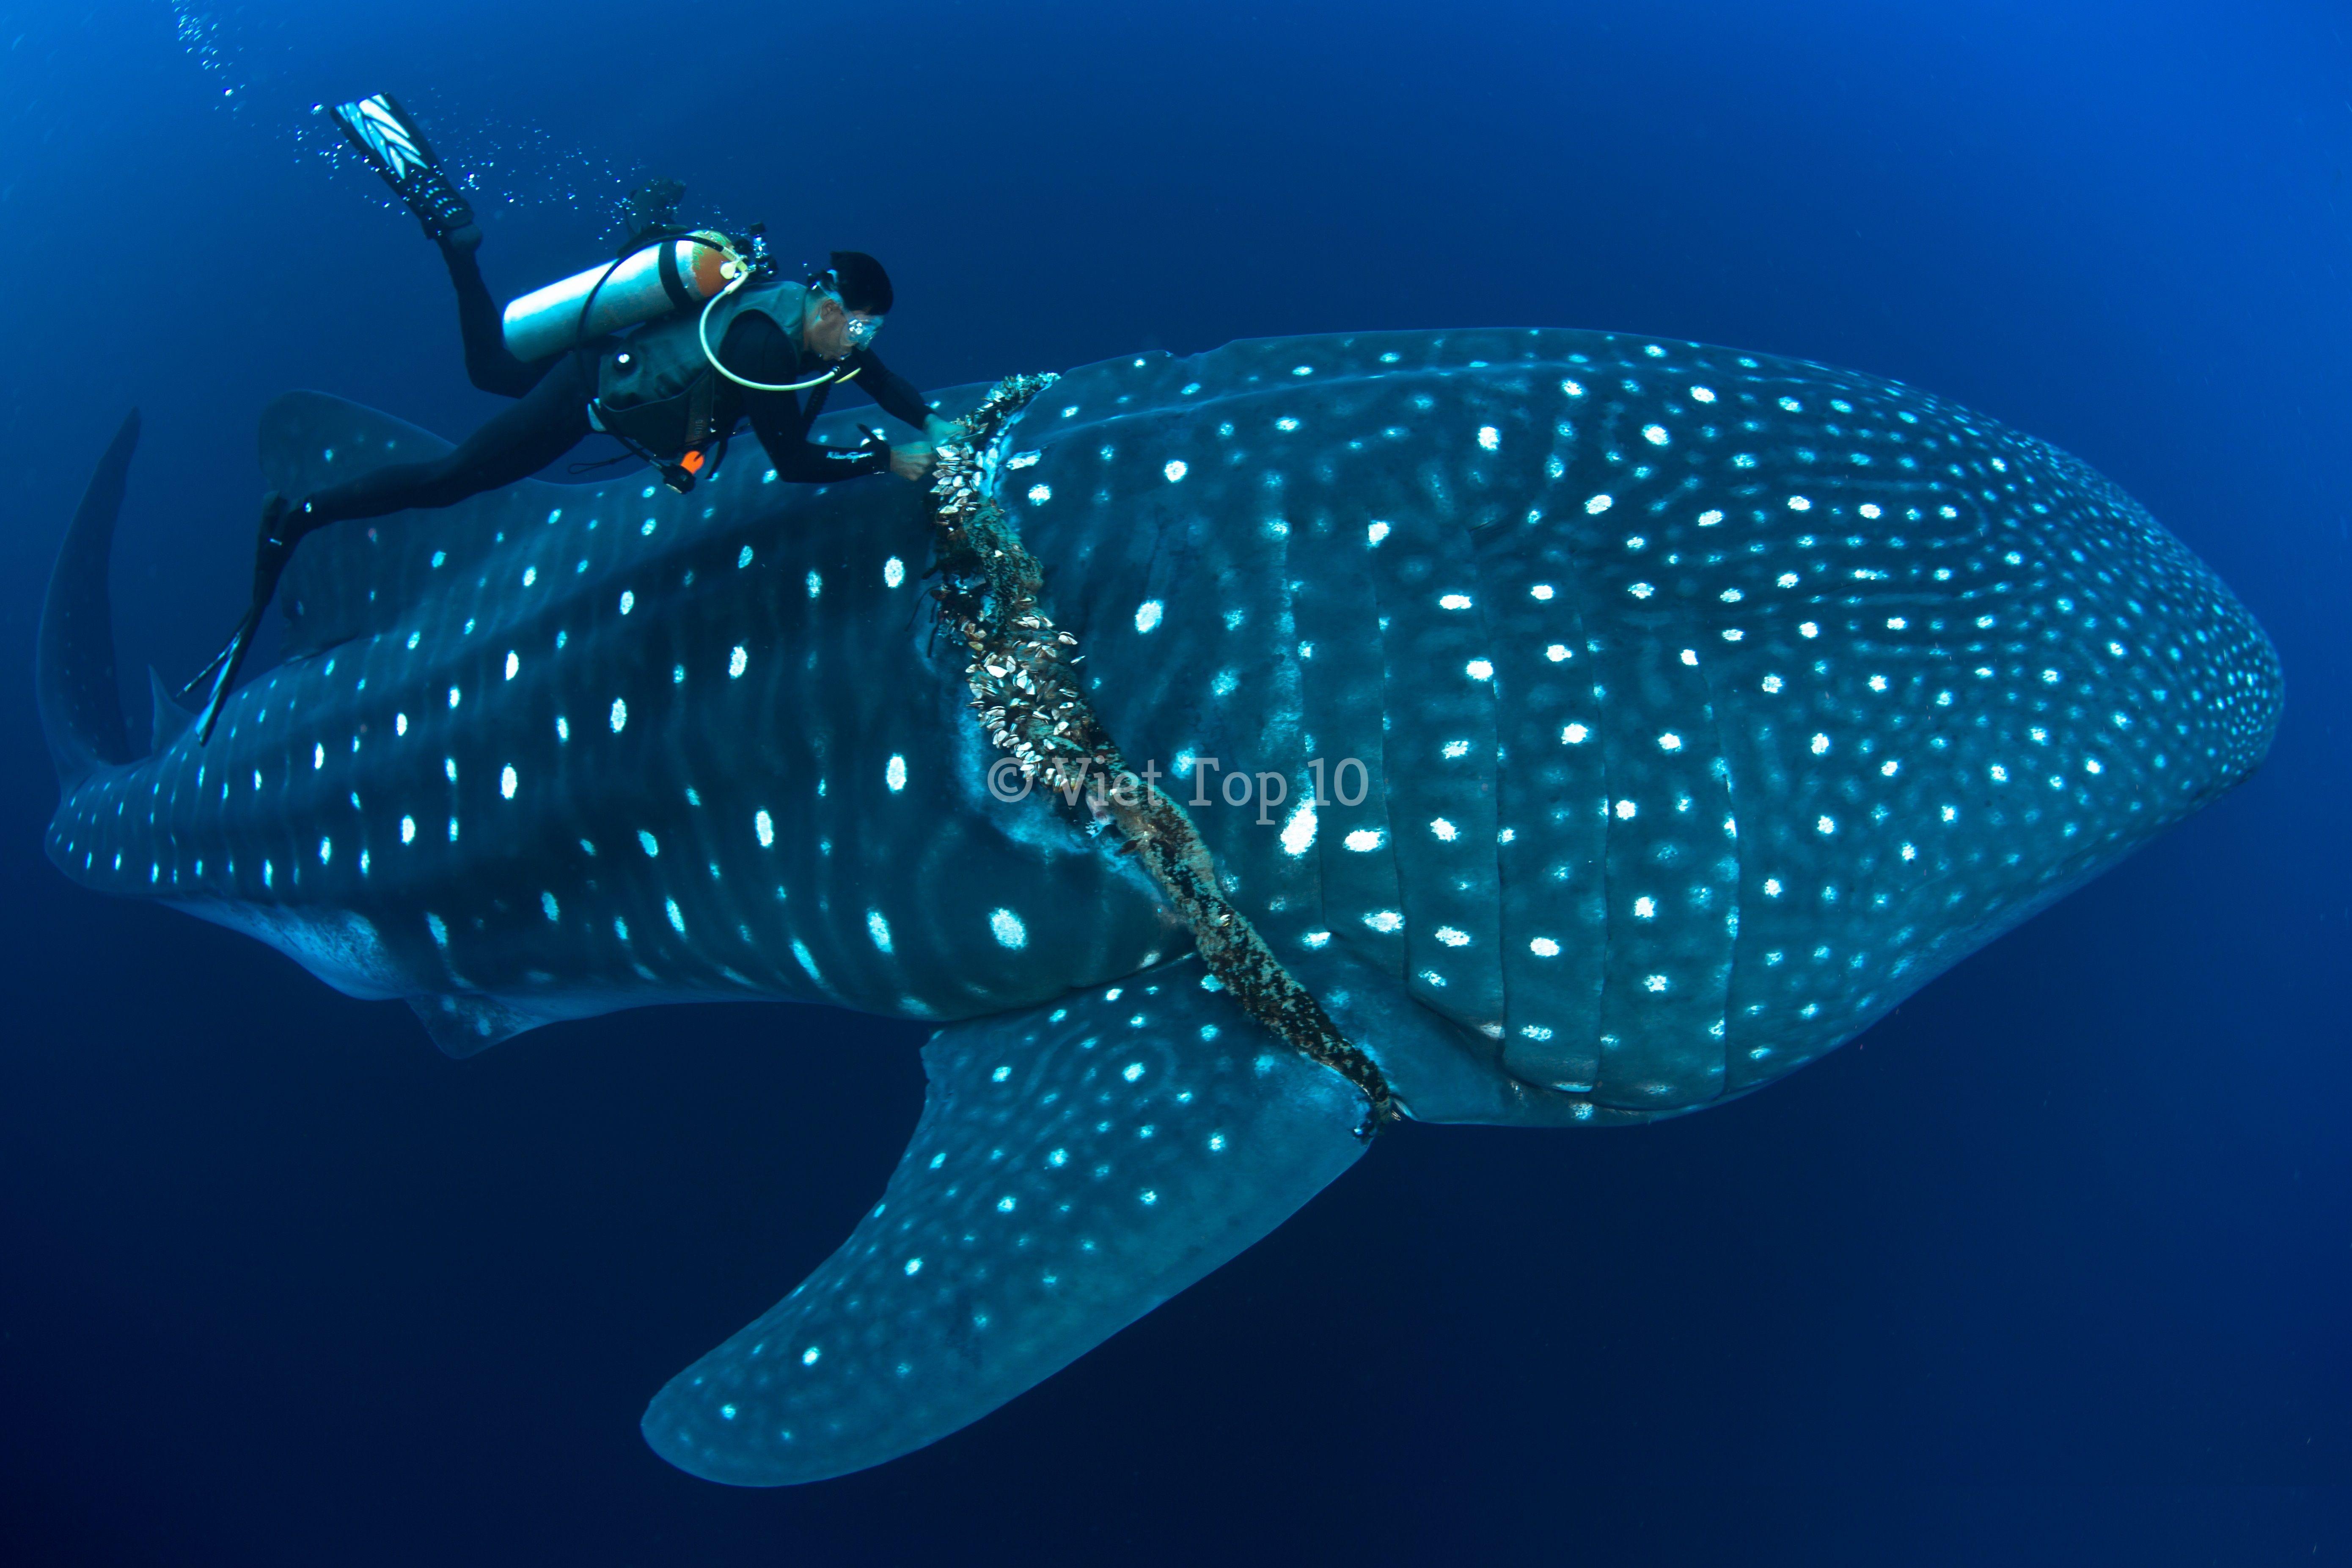 top 10 loài cá mập quái dị nhất dưới đáy đại dương - việt top 10 - việt top 10 net - viettop10